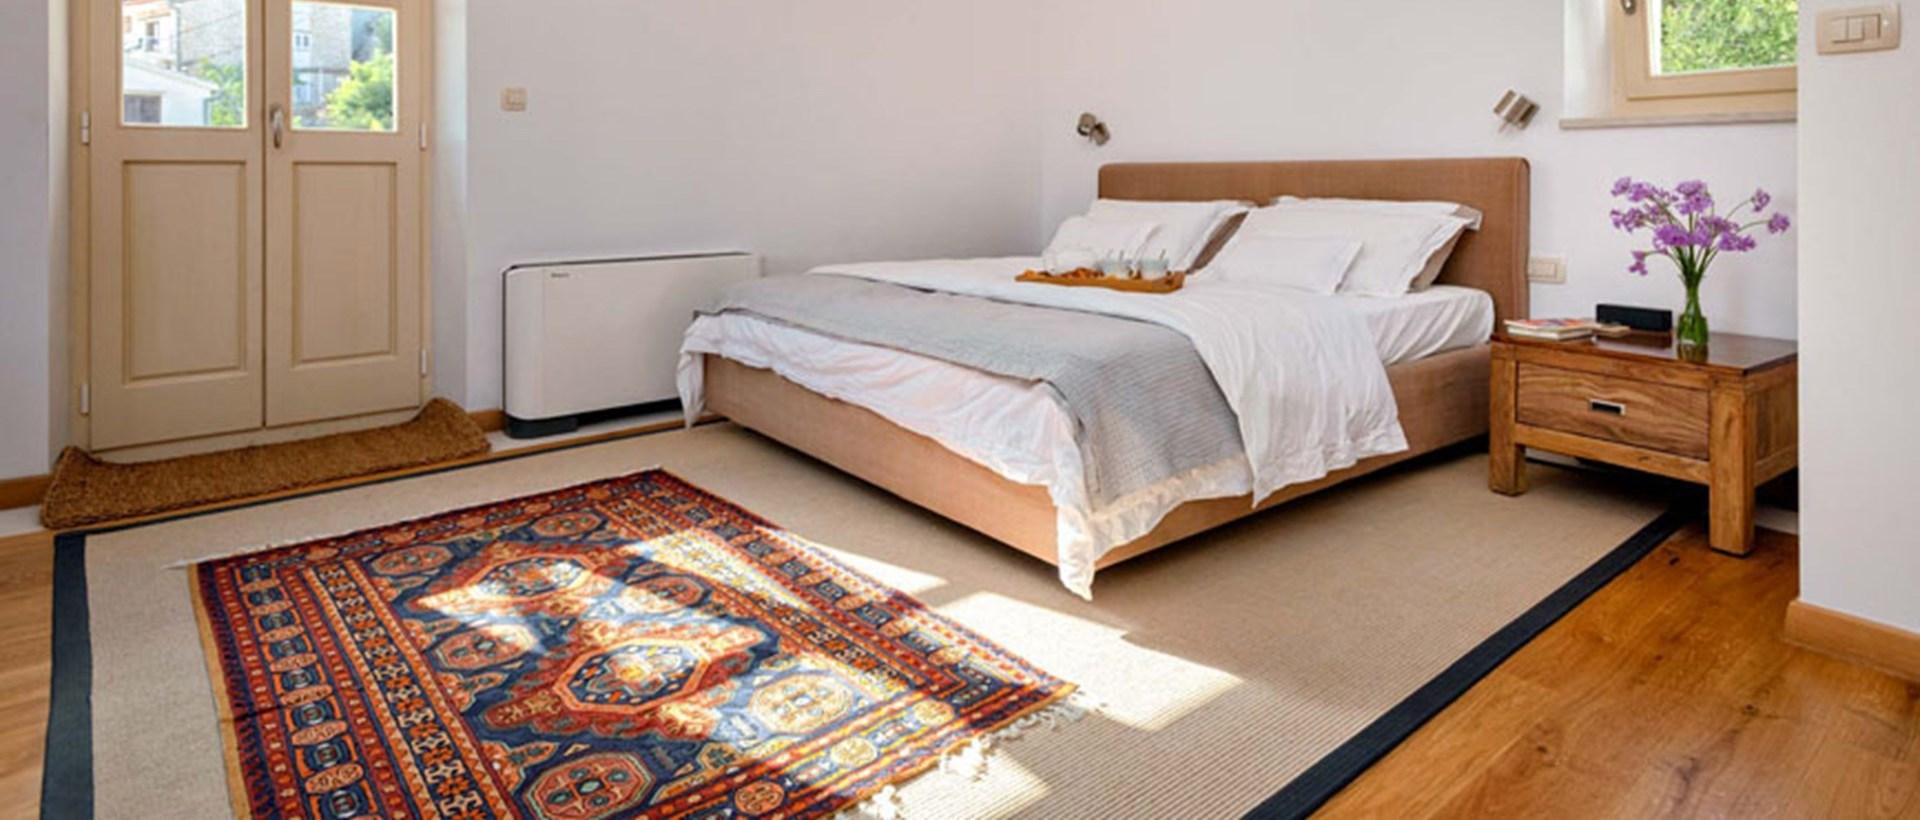 hvar-house-master-bedroom